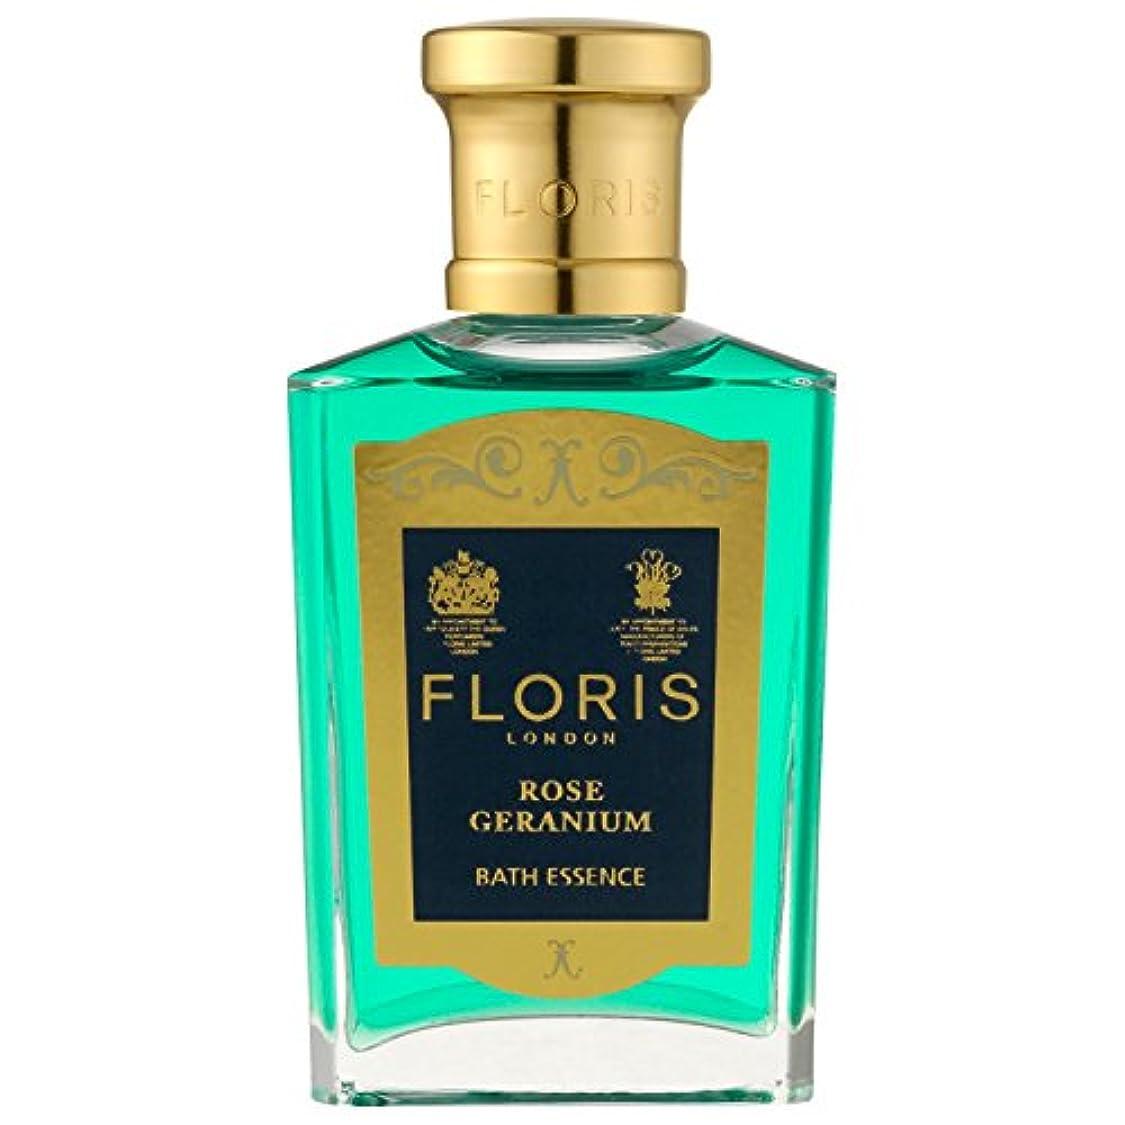 船外リーン深く[Floris] フロリスは、ゼラニウムバスエッセンス50ミリリットルをバラ - Floris Rose Geranium Bath Essence 50ml [並行輸入品]